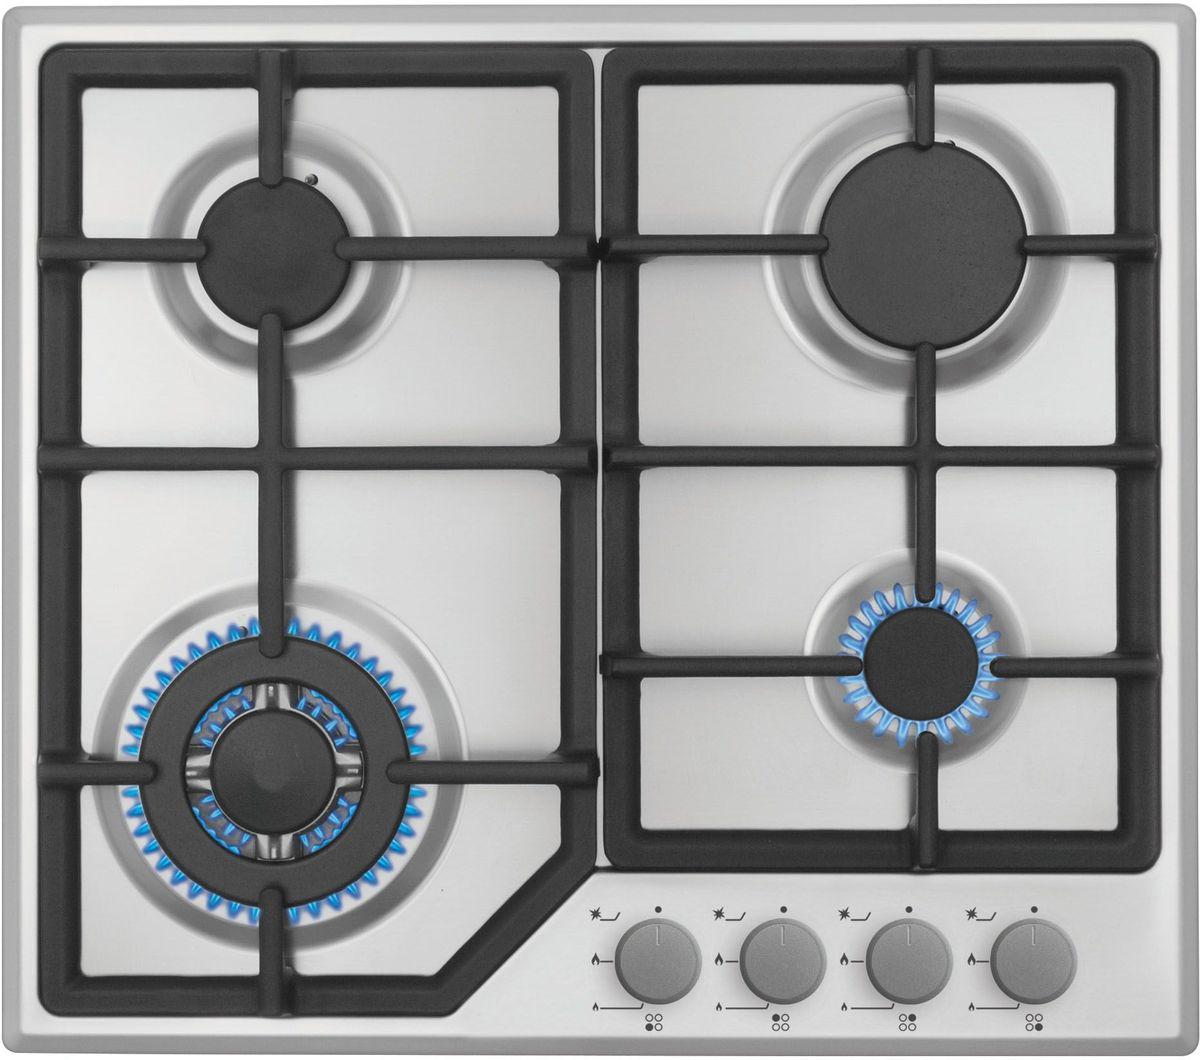 Simfer H60M41M412 панель варочная газоваяH60M41M412Газовая варочная панель Simfer H60M41M412 с чистым пламенем доведет вашу сковороду до нужной температуры без всяких задержек. Включите её и всё днище сковороды будет моментально нагрето. Благодаря идеальному расположению панели управления и индикатора уровня мощности прямо спереди этой варочной панели, любой повар, будь он левша или правша, сможет пользоваться ими с одинаковой лёгкостью. Газовая варочная поверхность Simfer H60M41M412 упрощает приготовление и делает его безопаснее благодаря особой форме подставок, обеспечивающих абсолютную устойчивость посуды. Нет способа быстрее и удобнее для того, чтобы разжечь конфорку, чем автоподжиг варочной панели. Просто поверните ручку, чтобы открыть и зажечь газ одним плавным движением.